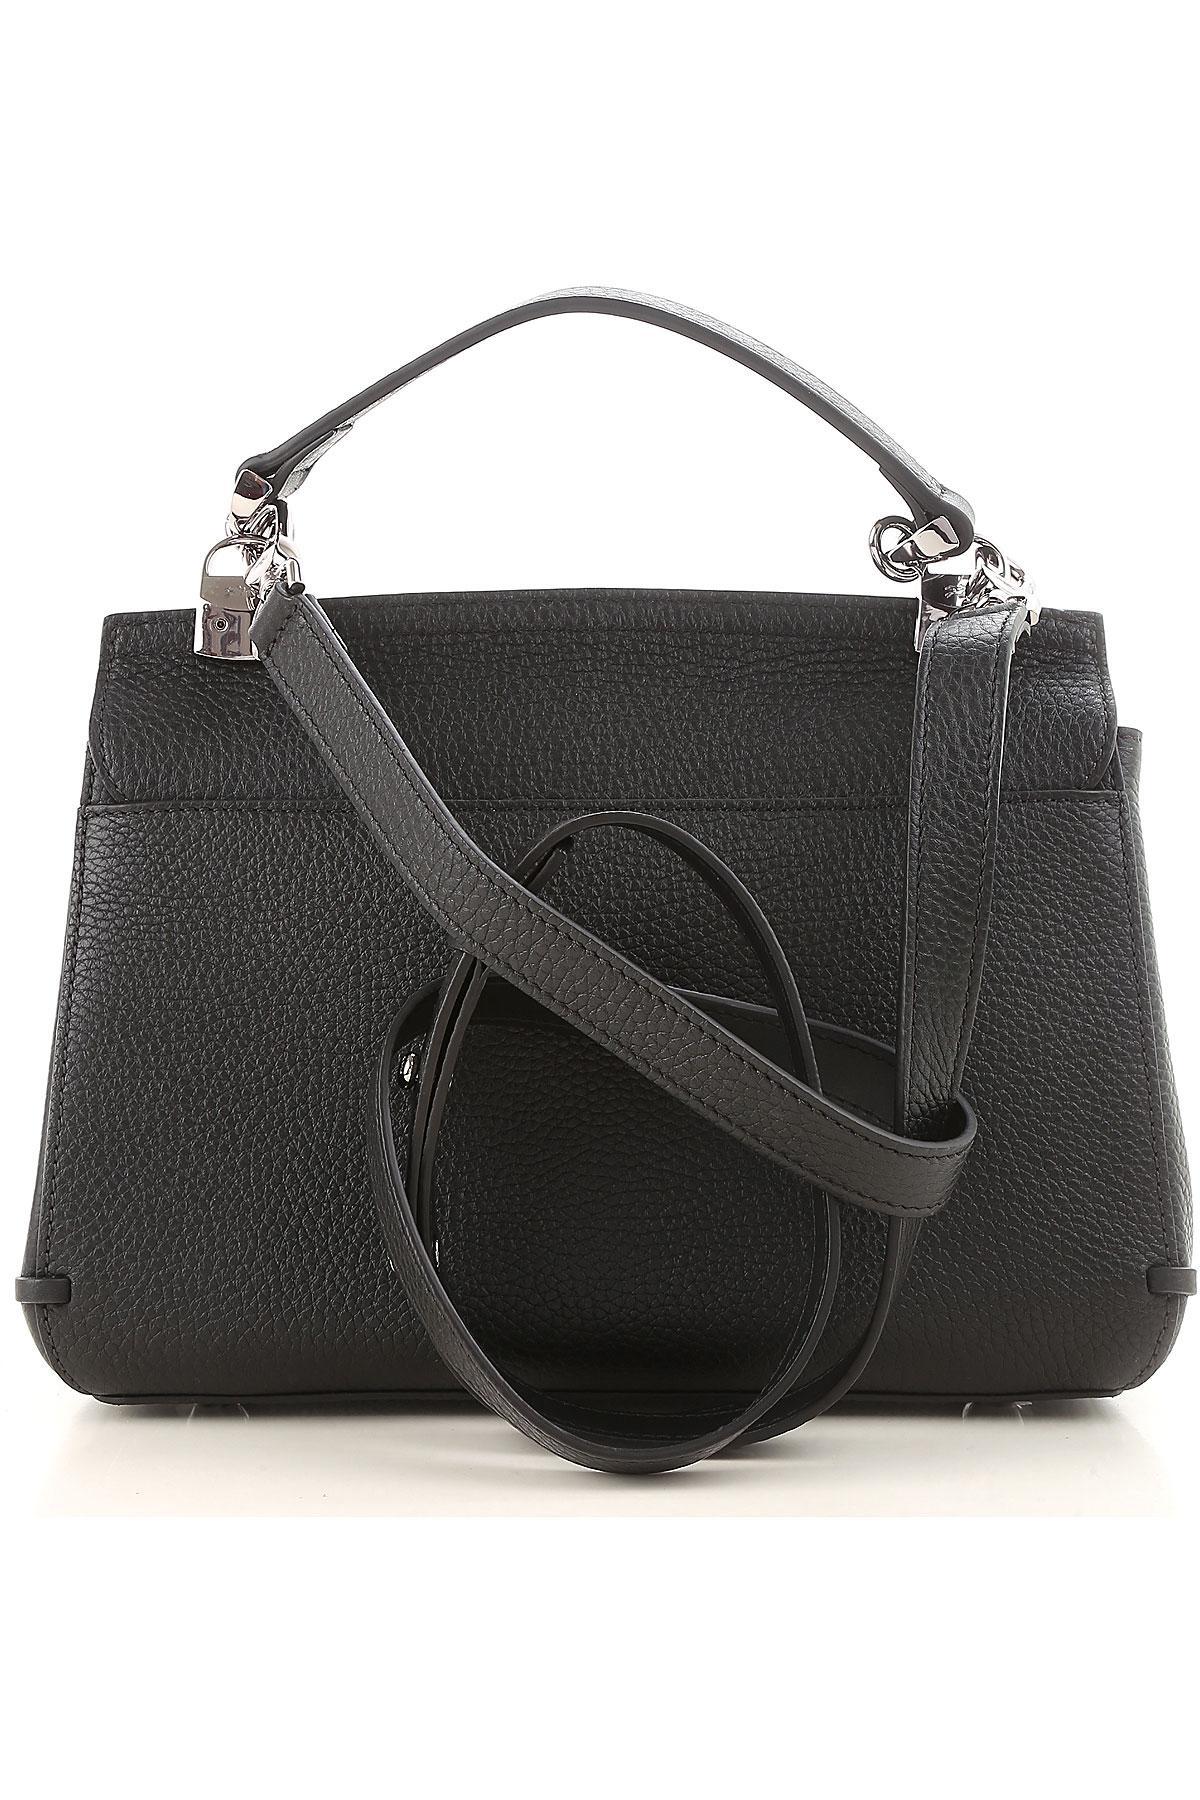 99397efa3f Sac Bandoulière Femme Pas cher en Soldes Longchamp en coloris Noir ...